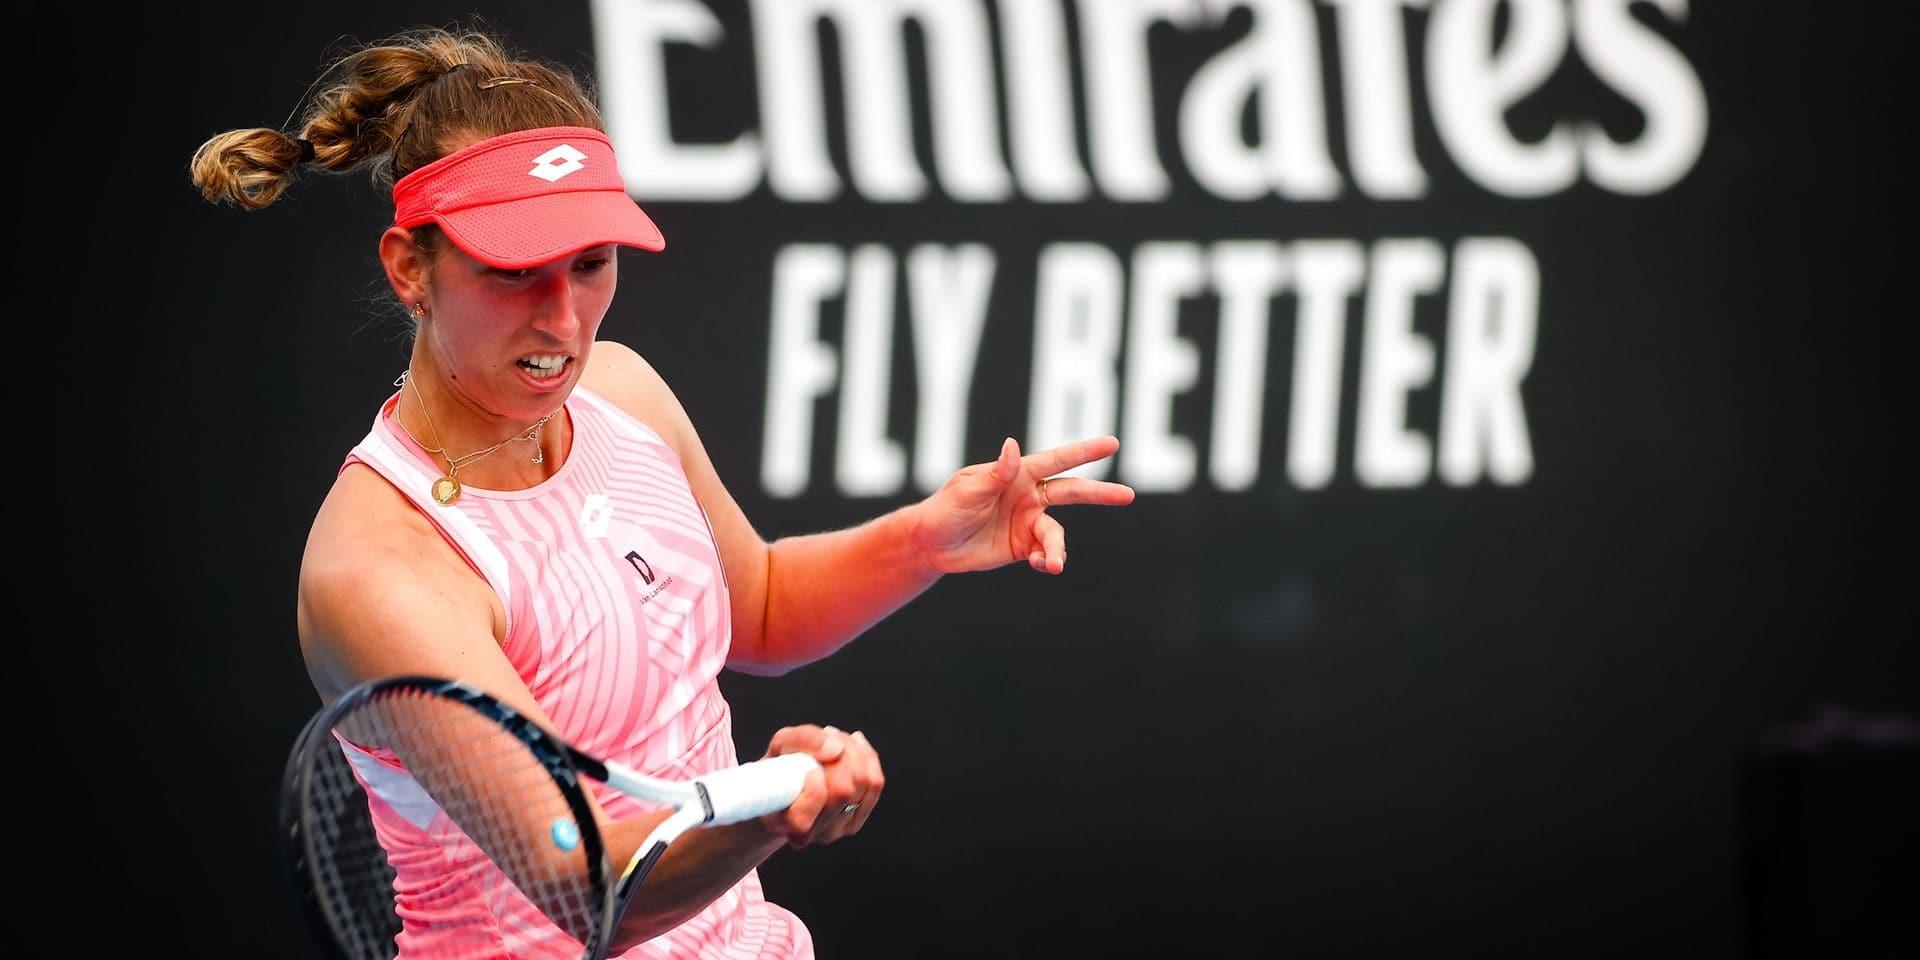 Australian Open: Elise Mertens et Aryna Sabalenka qualifiées en double pour le 3e tour sans jouer